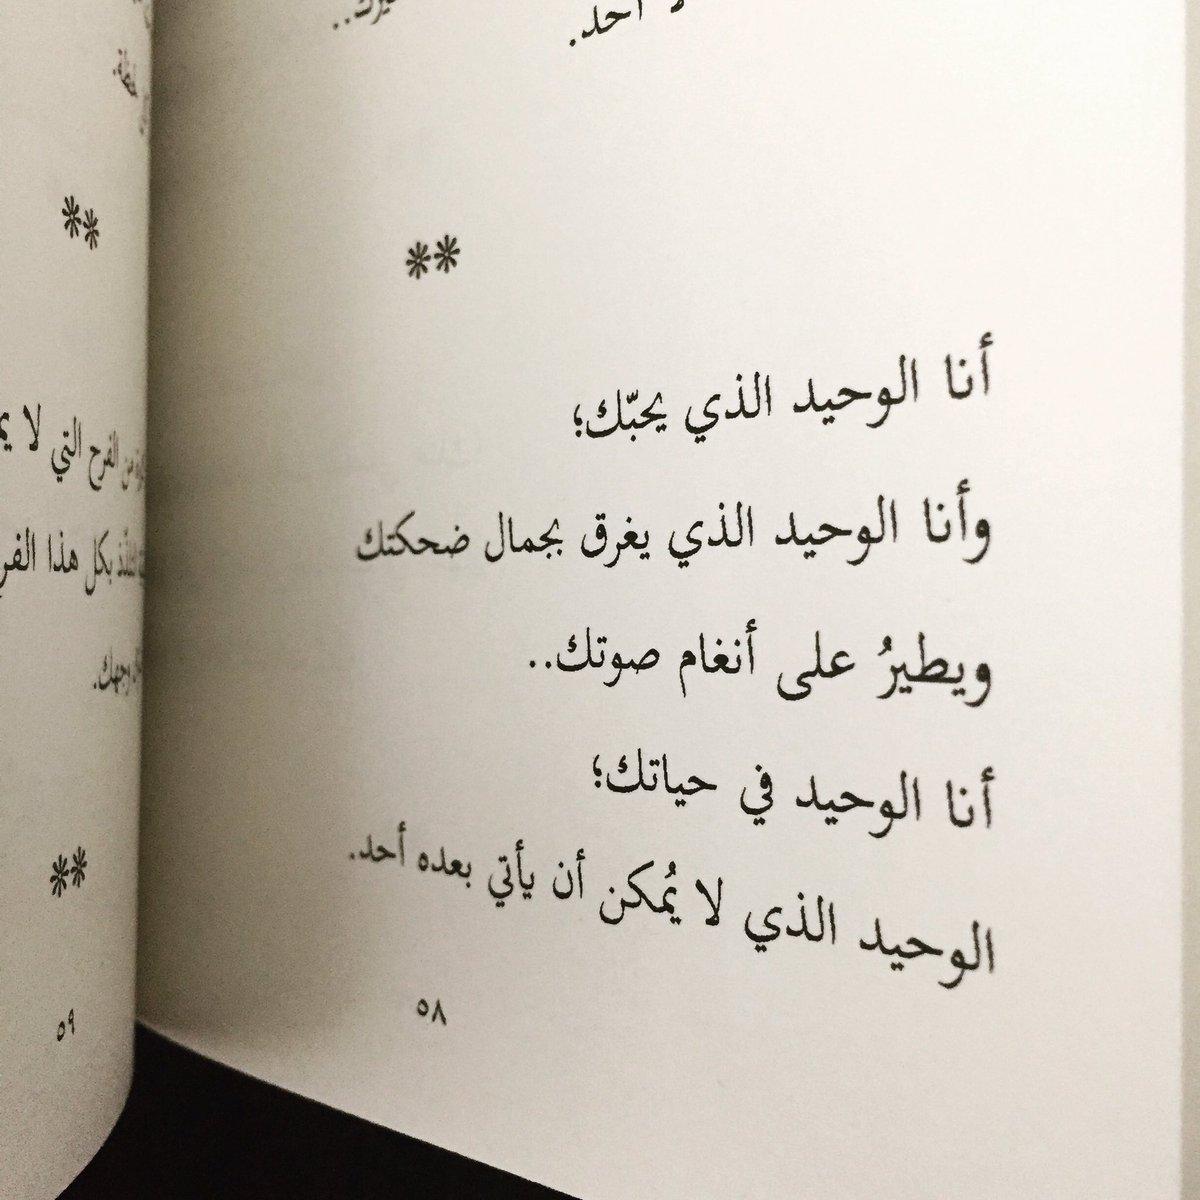 صورة كلام حب اشعار , كلمات للحب تاخد القلب